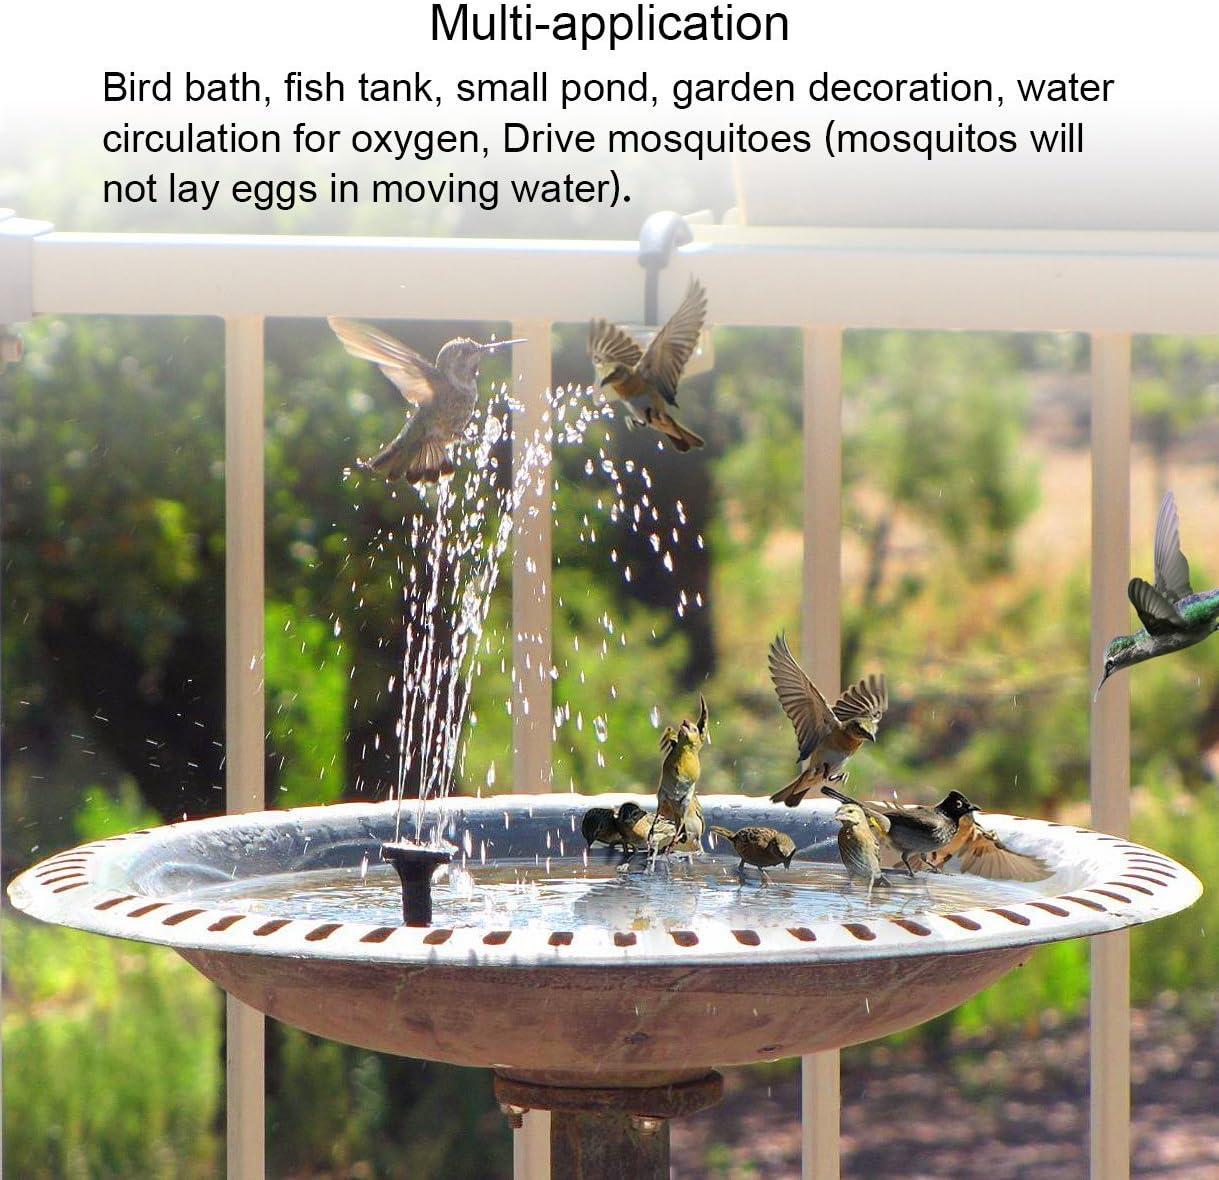 Pompe Fontaine Flottante pour Birdbaths ou Les /étangs mxdmai Fontaine Solaire Pompe 1.4W Cercle de Jardin Solaire Pompe /à Eau Solaire de Pompe /à Eau Birdbath Support Non fournis